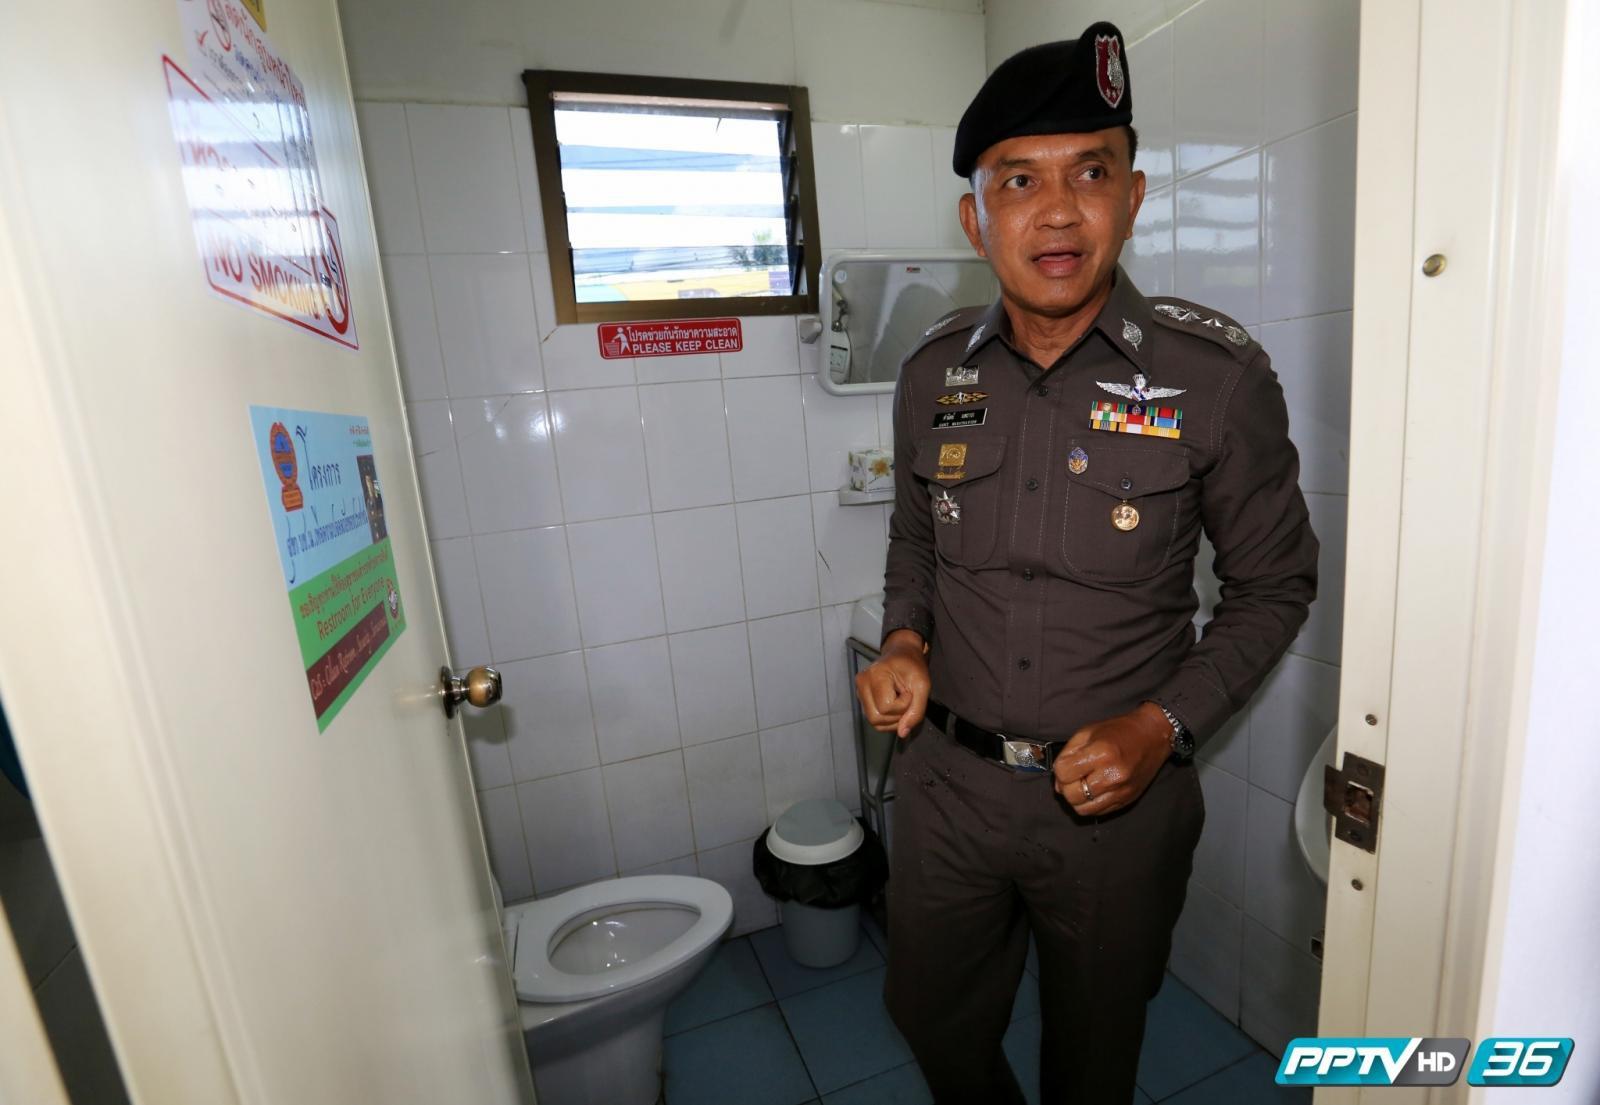 ผบช.น.เปิดป้อมจราจรให้บริการห้องน้ำเพื่อประชาชน